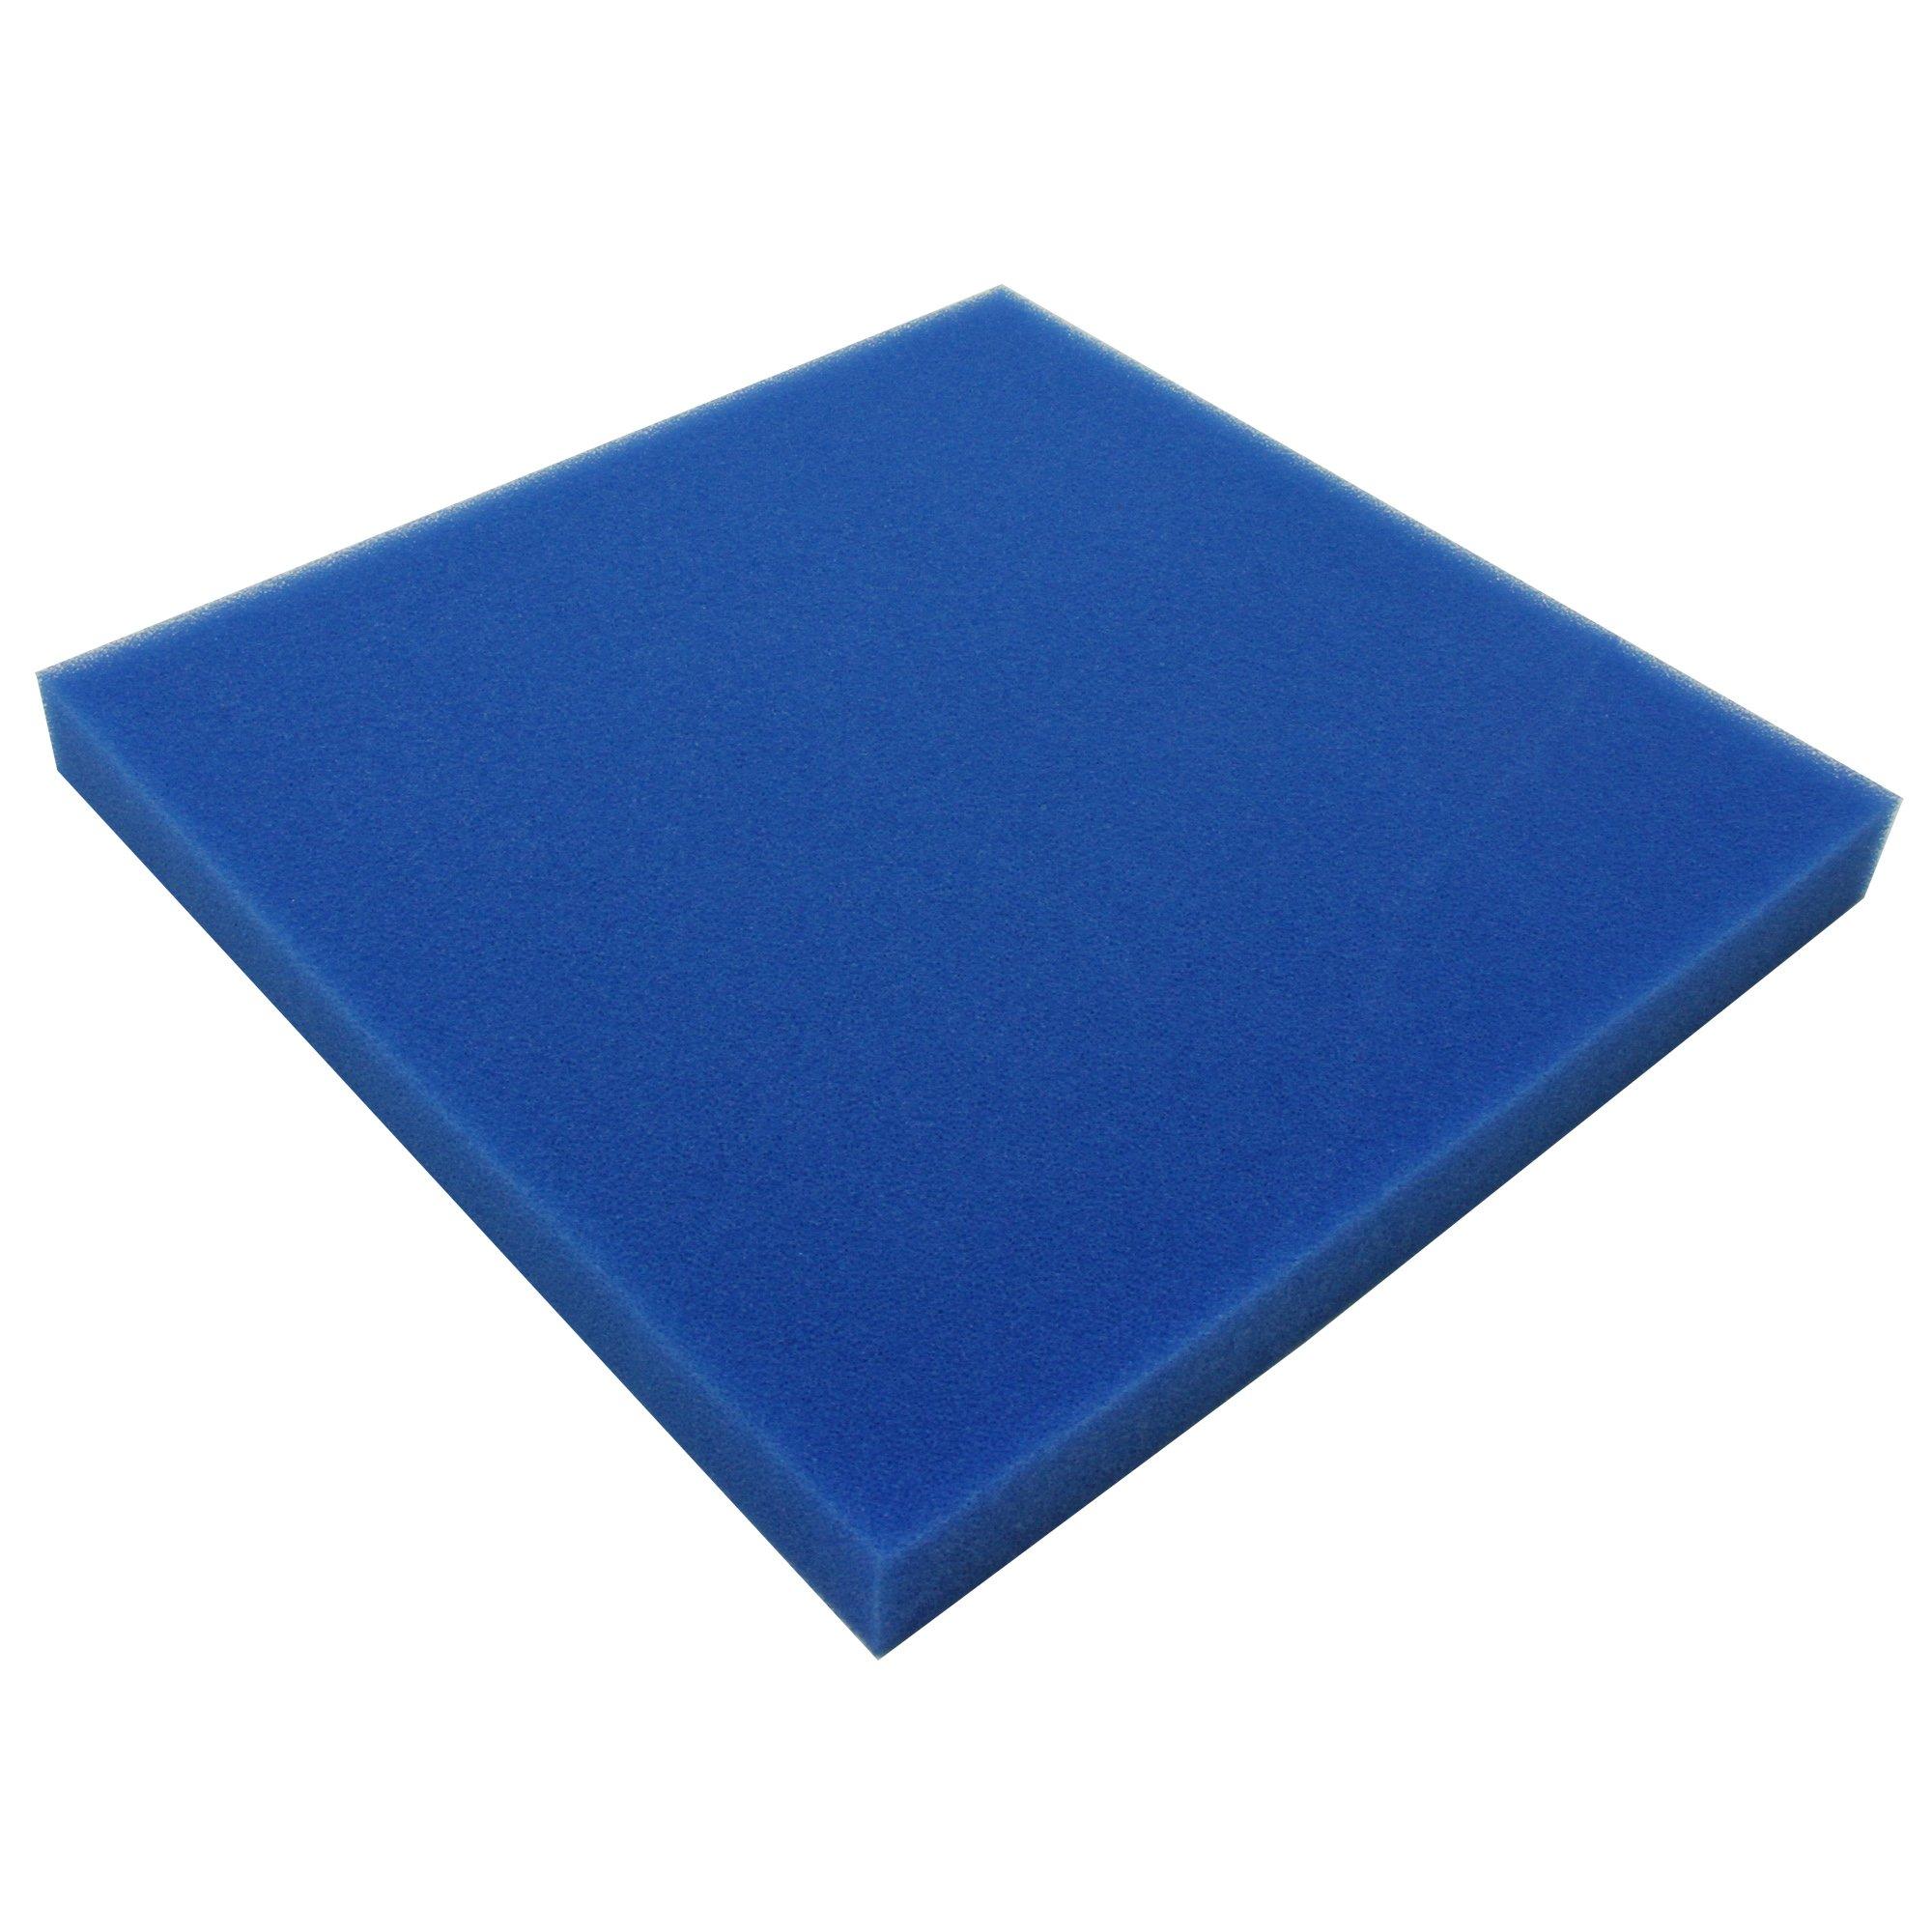 JBL Mousse filtr. bleue maille fine 50*50*5cm, Mousse fine pour filtre, Contre toutes les turbidités de l'eau product image